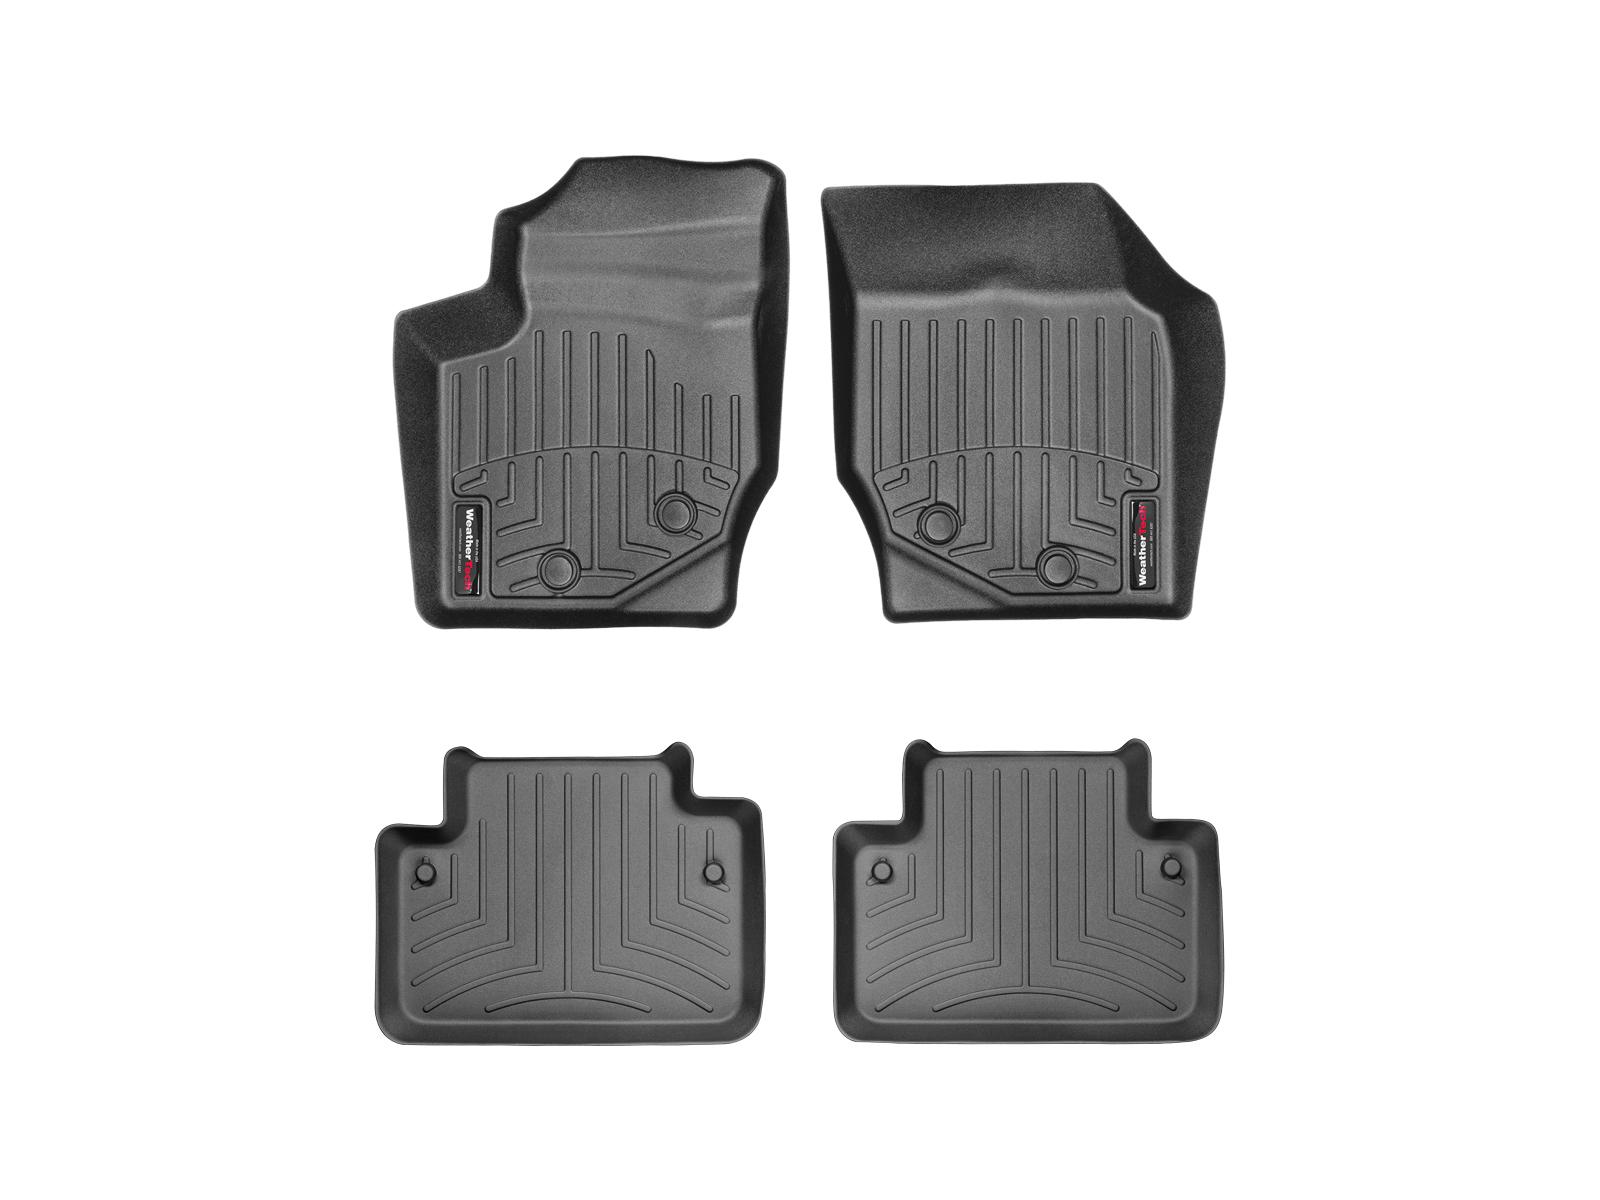 Tappeti gomma su misura bordo alto Volvo XC90 03>14 Nero A4448*